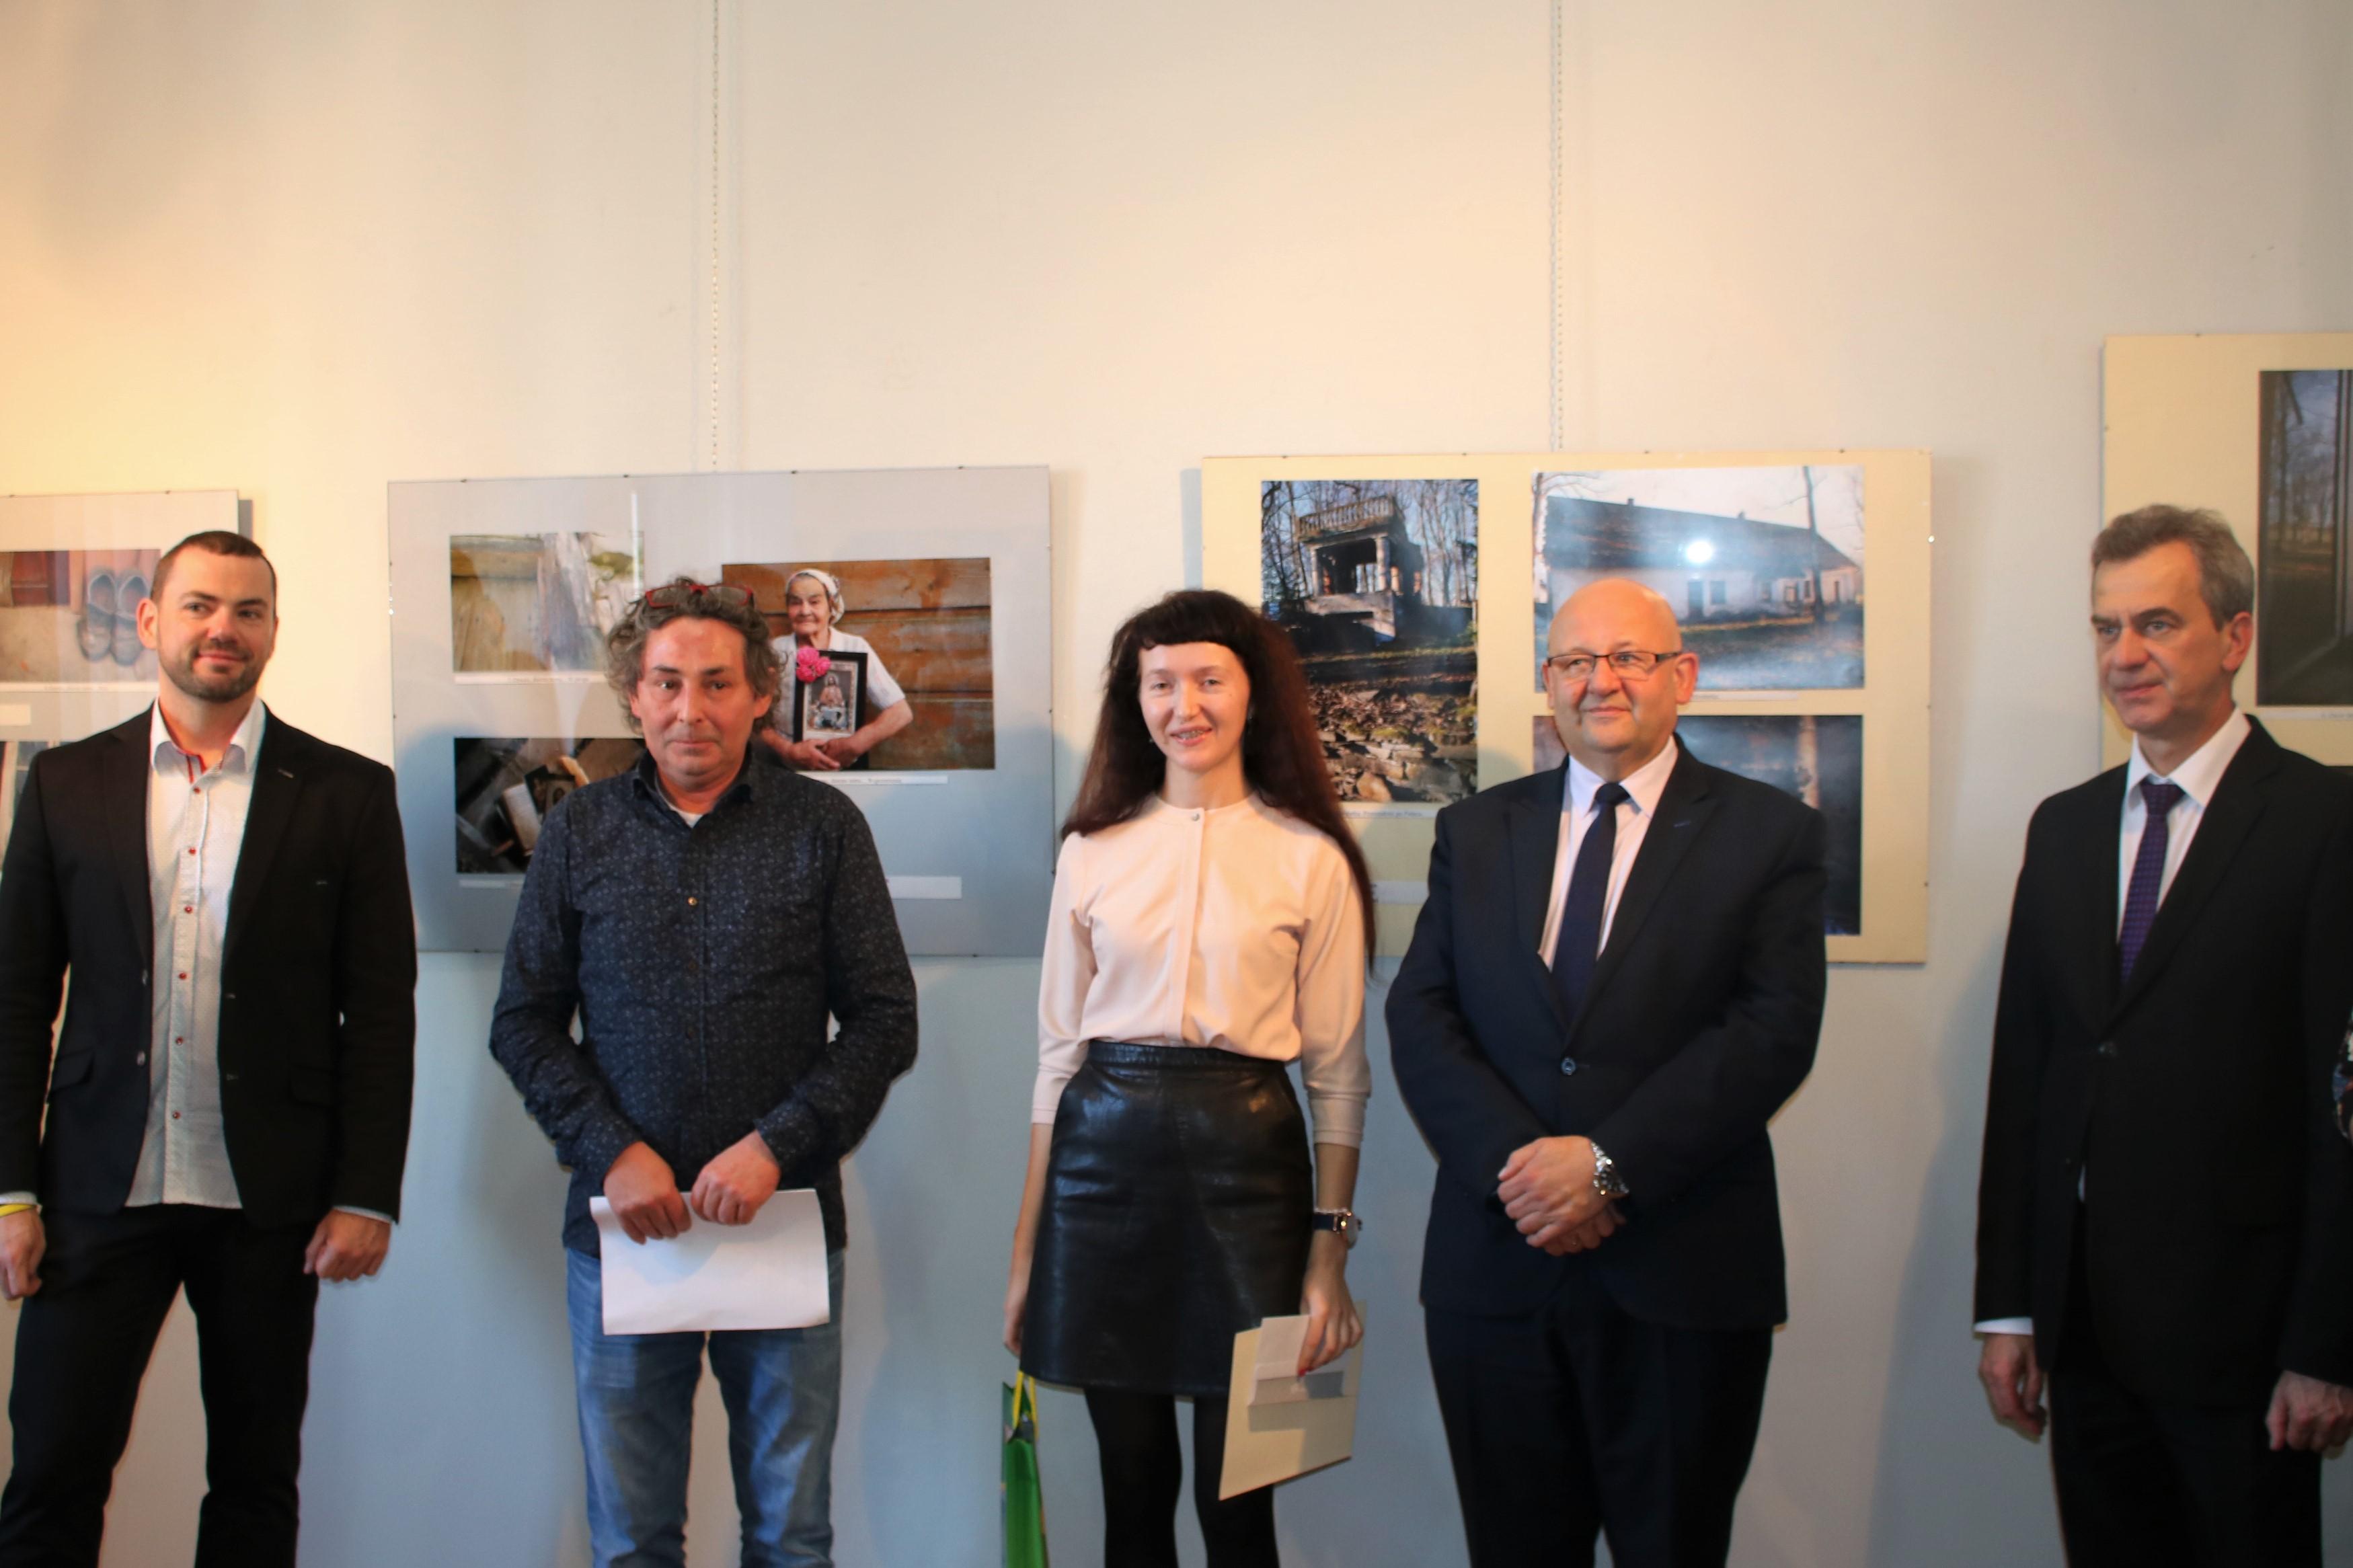 Rozdanie nagród w konkursie: na zdjęciu Krystyna Trzupek - I miejsce